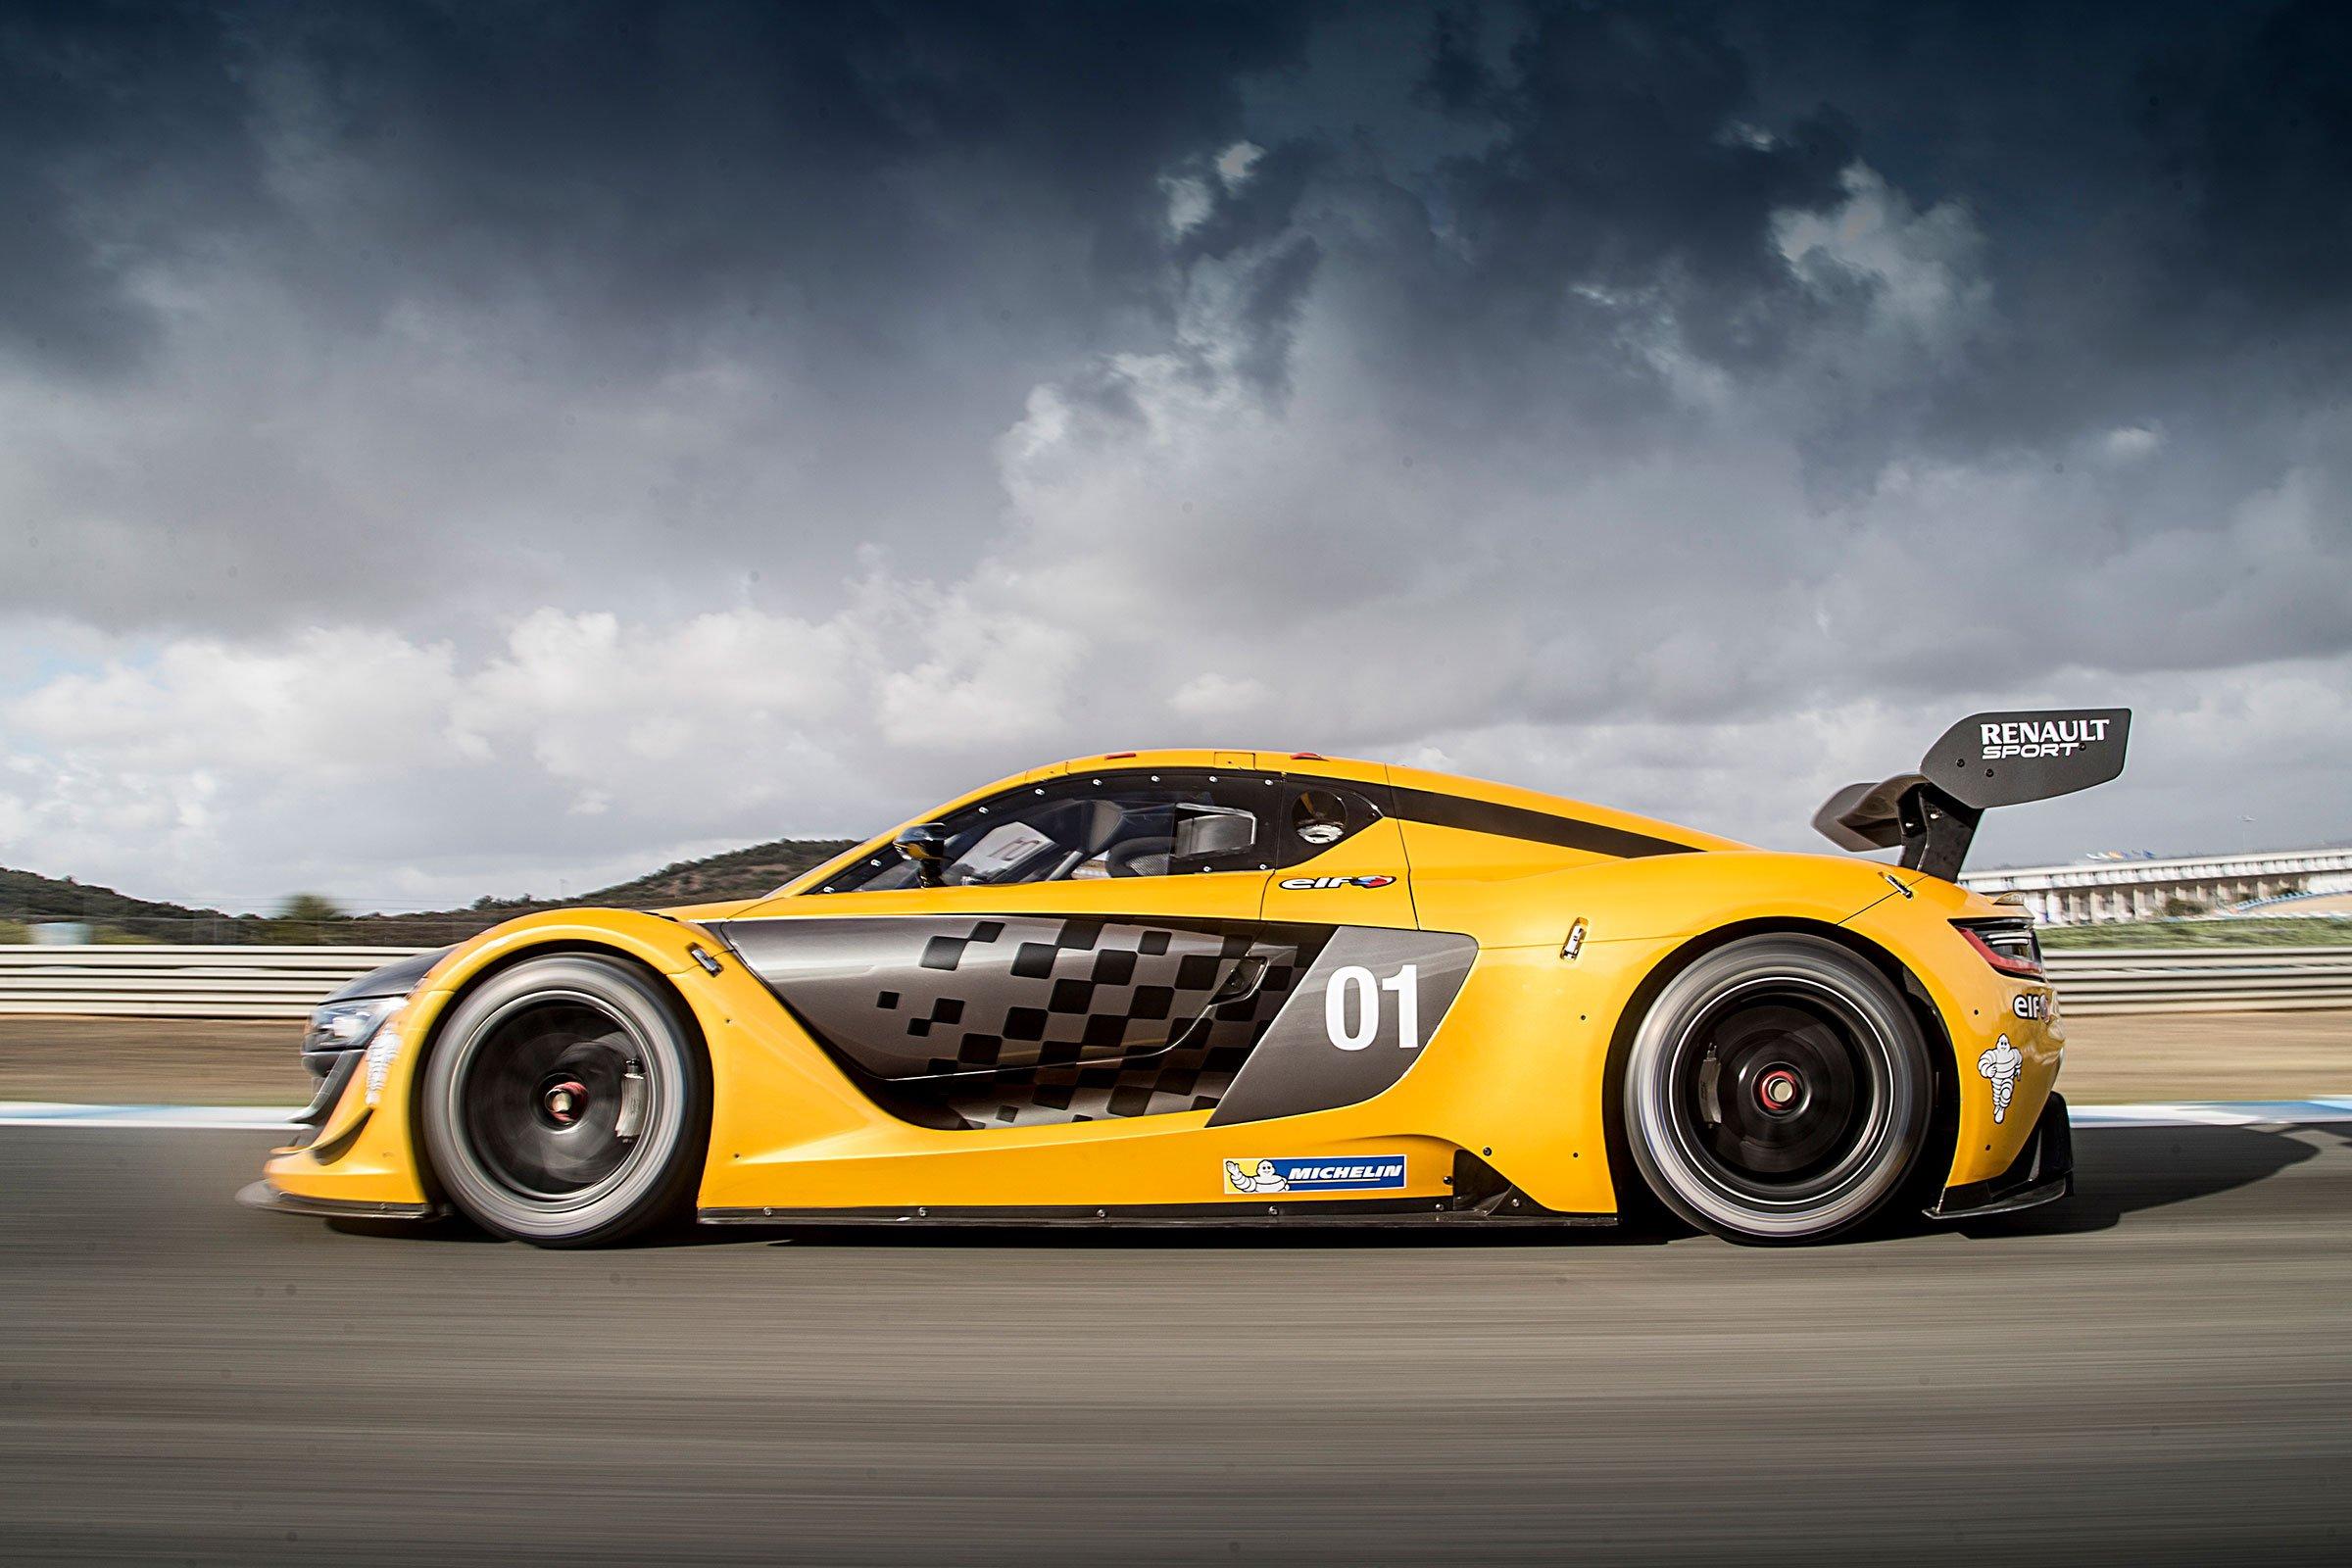 10 Gründe warum der Renault Sport R.S. 01 für Renault ...